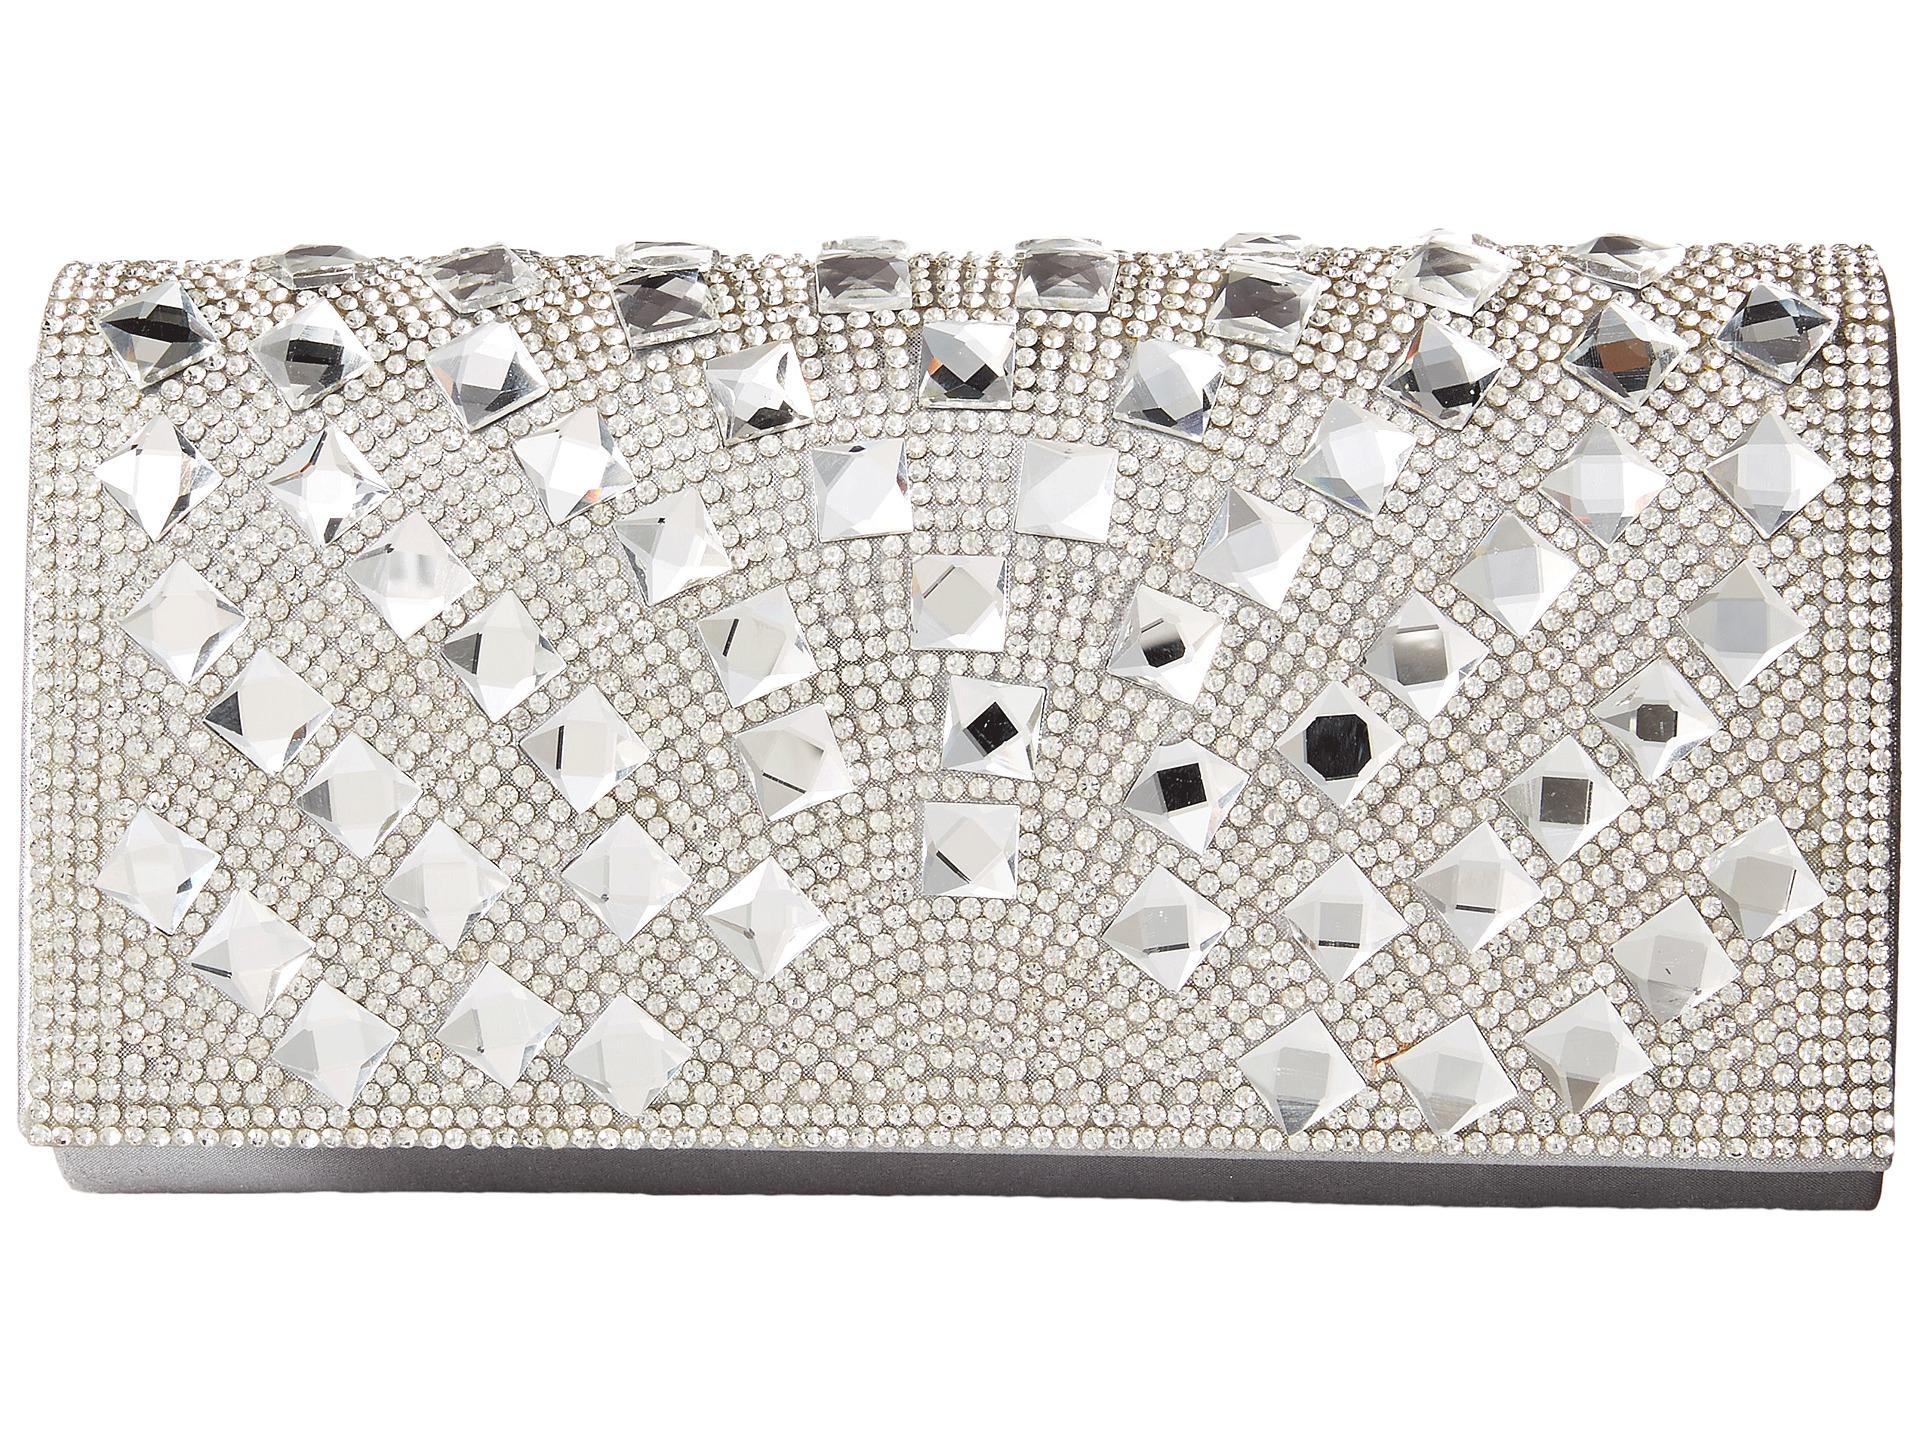 chloe bag - Jessica mcclintock Chloe Fold-over Crystal Clutch in Silver | Lyst